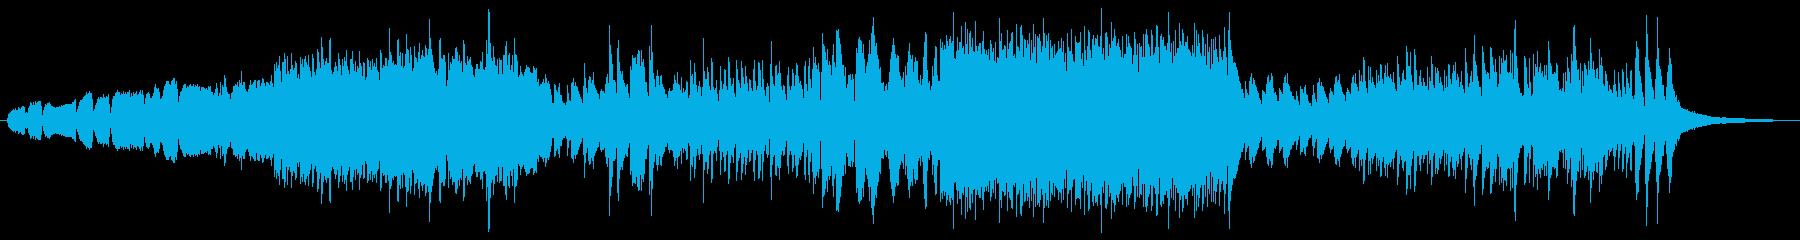 ストリングスメインの寂しさを感じる曲の再生済みの波形